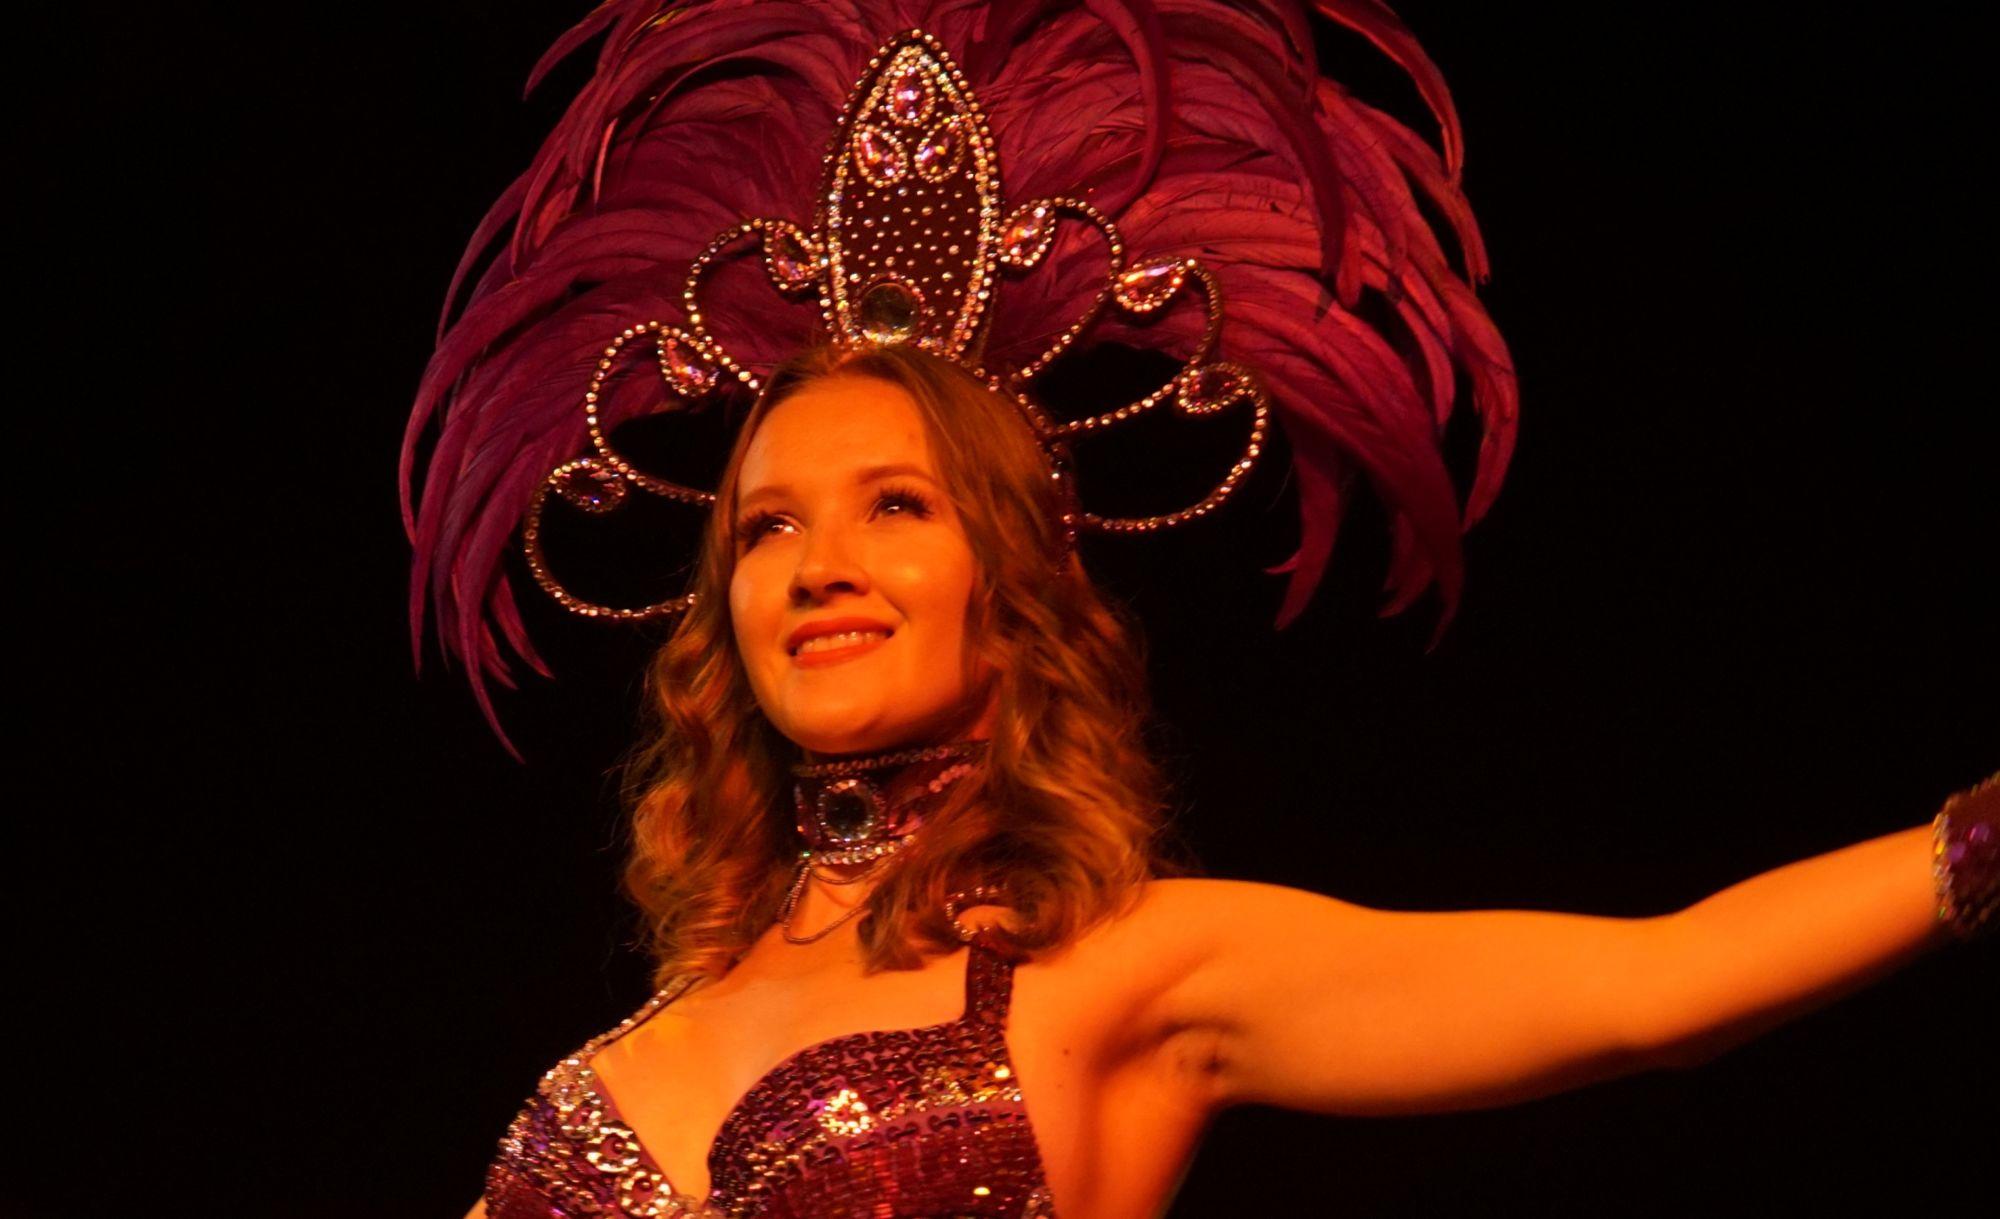 Exotické tance - taneční vystoupení samba - Rio karneval - Rinas Company